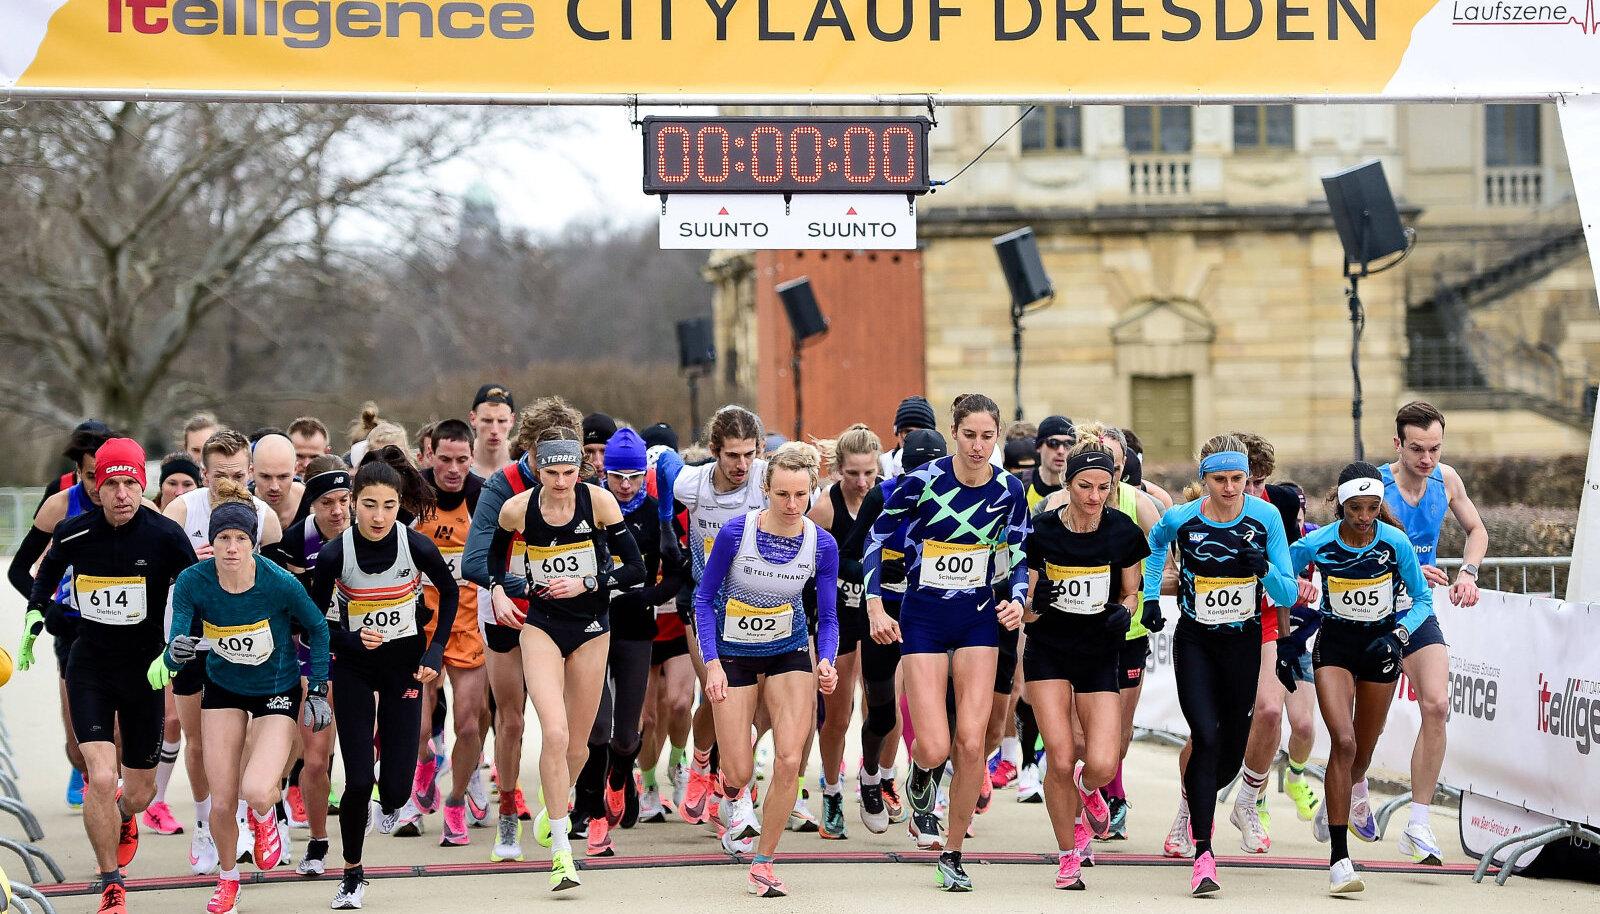 Dresdeni maraton 21. märtsil. (Foto on illustratiivne)